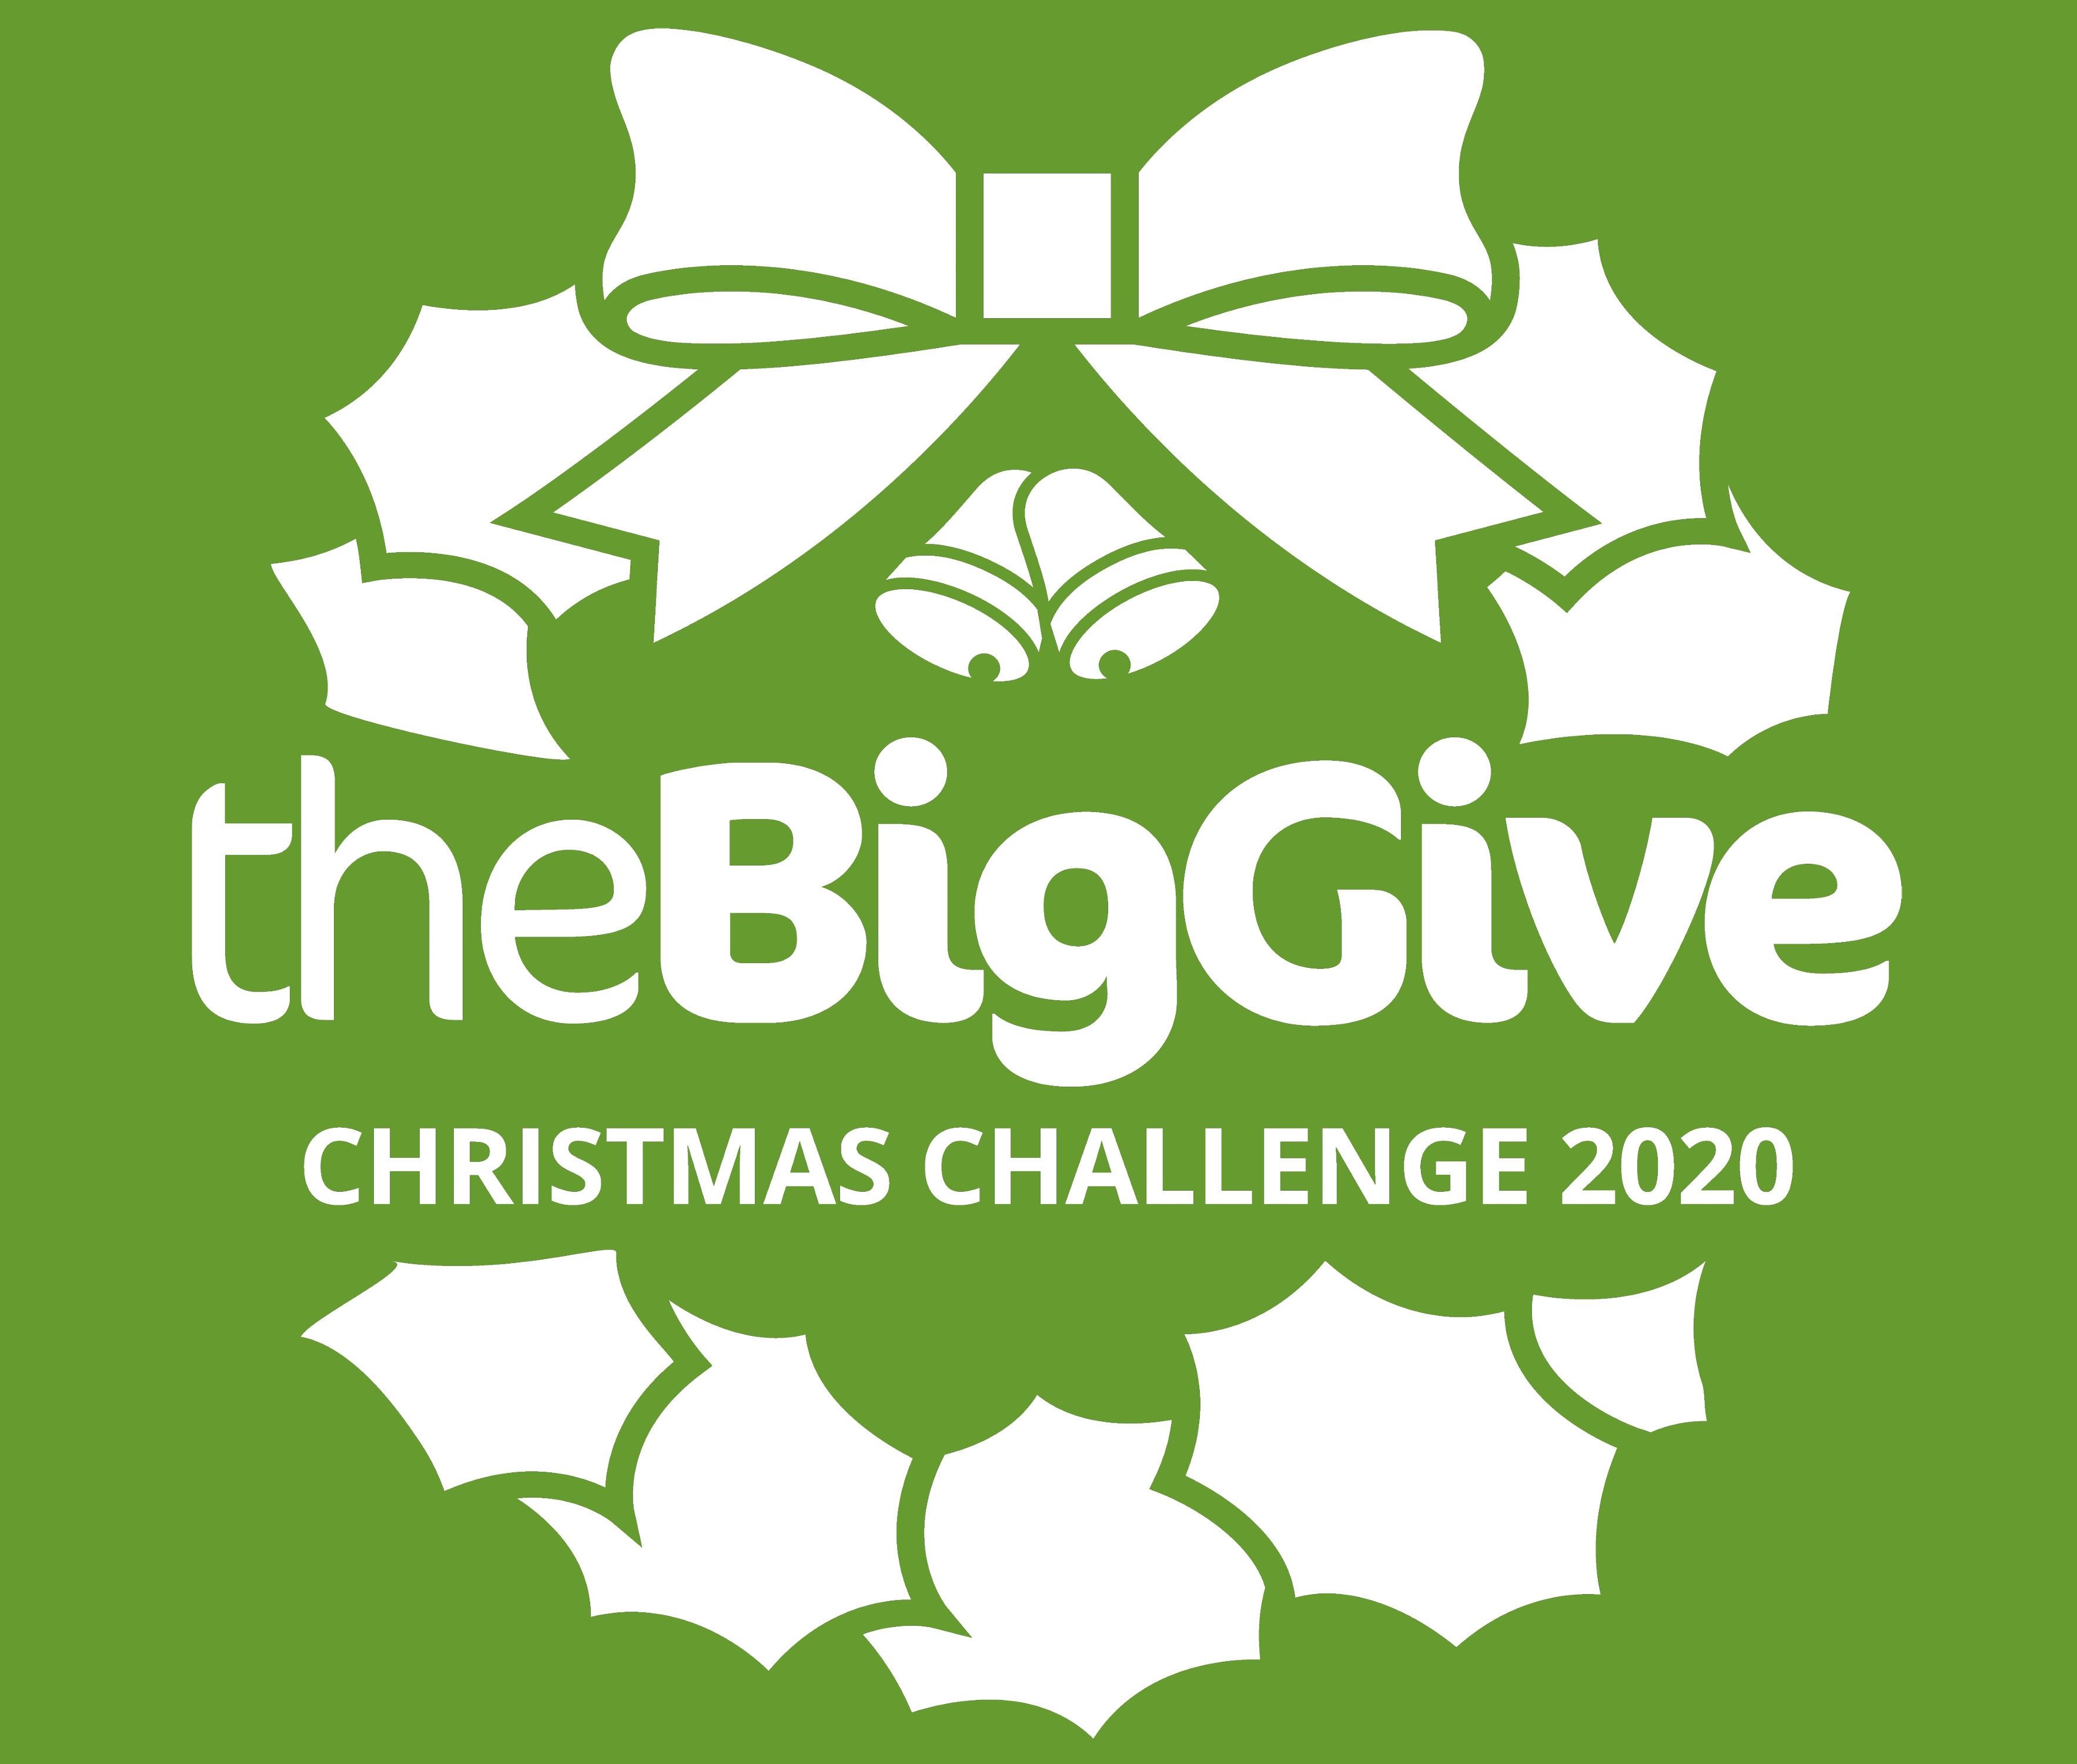 The Big Give Christmas Challenge 2020 logo